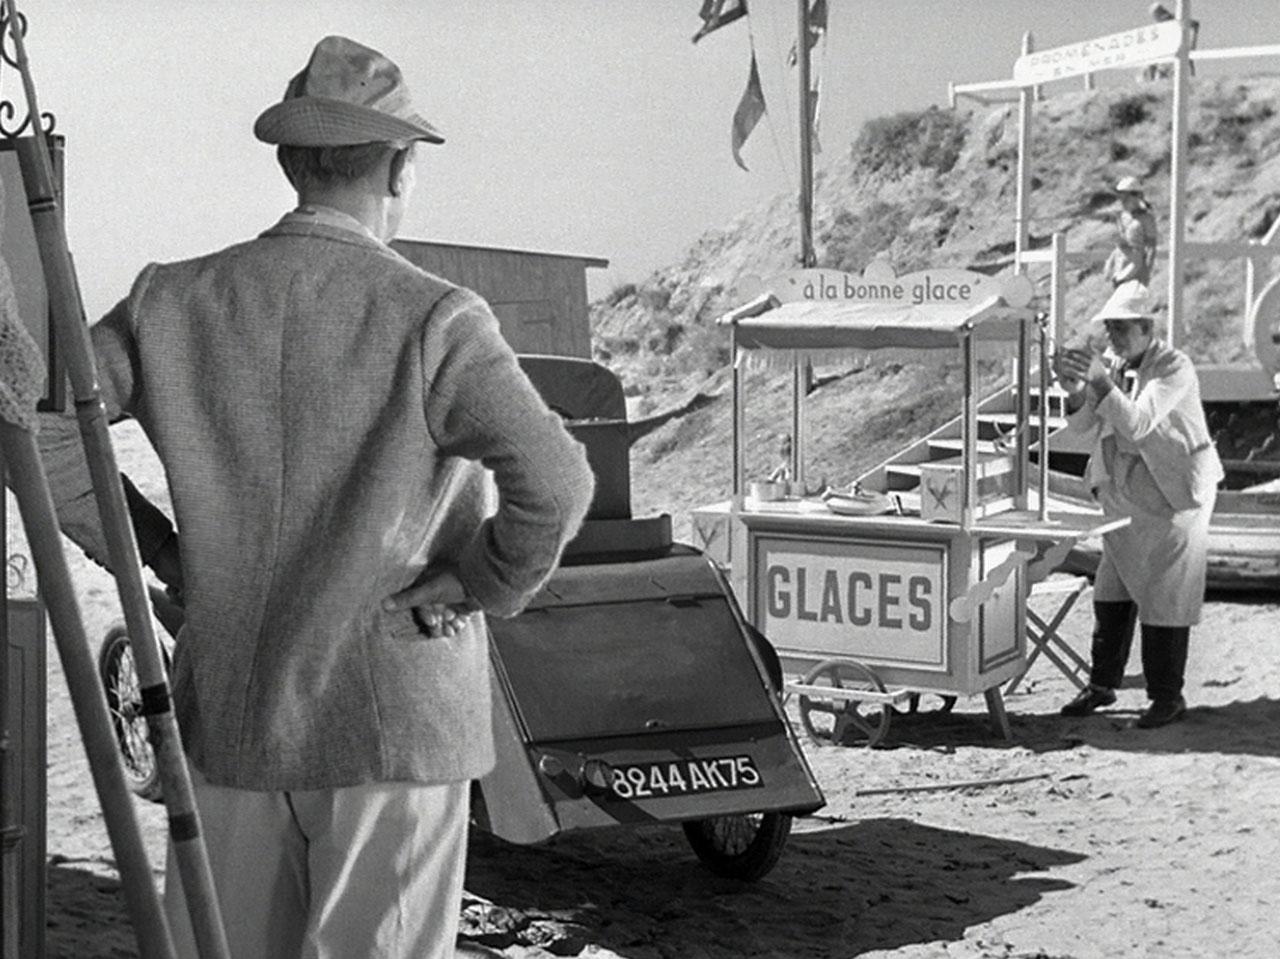 Le vacanze di monsieur Hulot: un'immagine tratta dal film di Jacques Tati